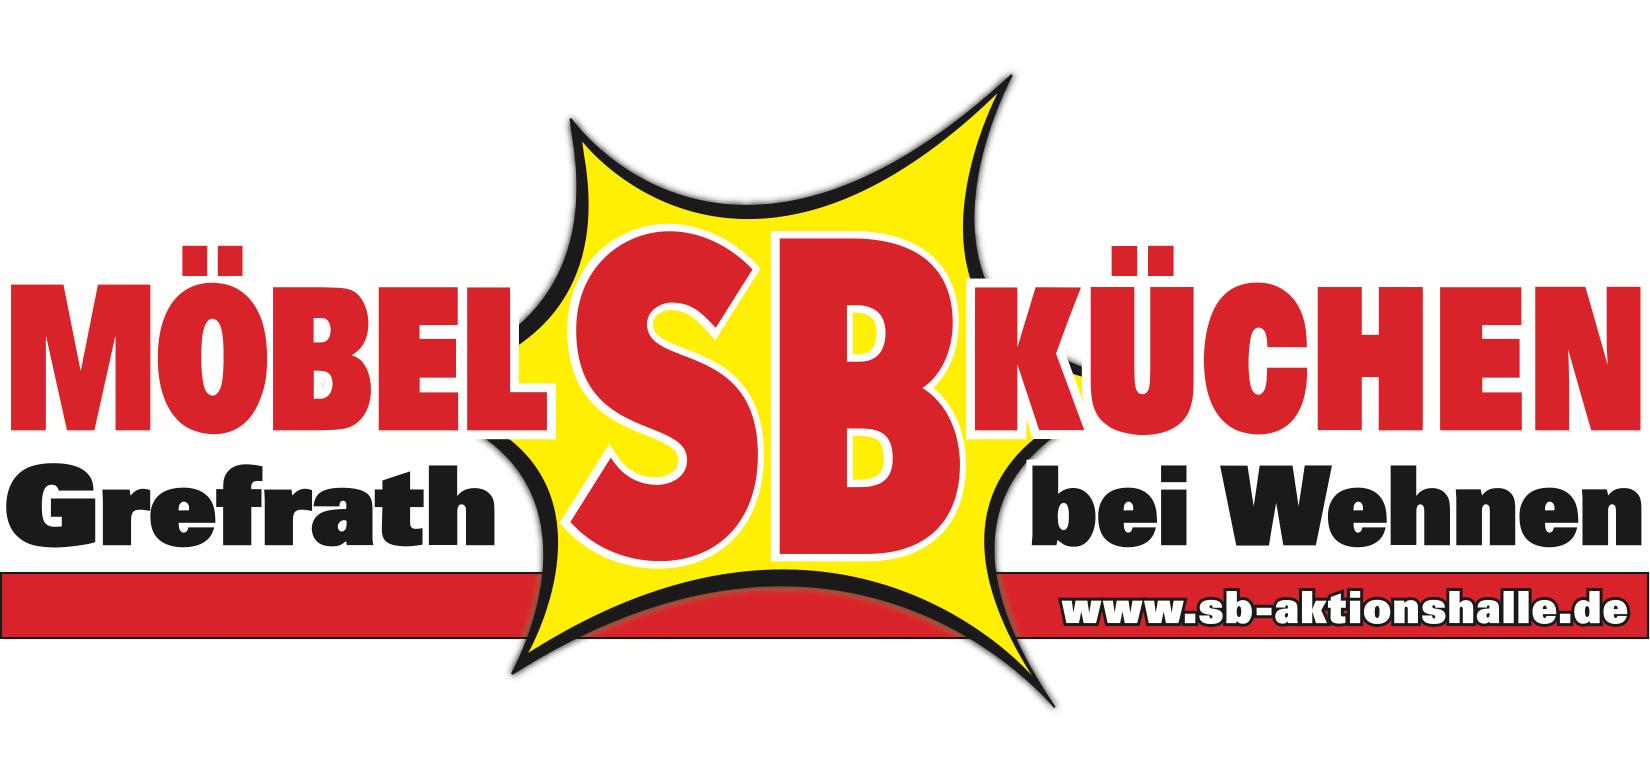 öffnungszeiten Von Möbel Sb Aktionshalle Wehnen Gmbh Co Kg